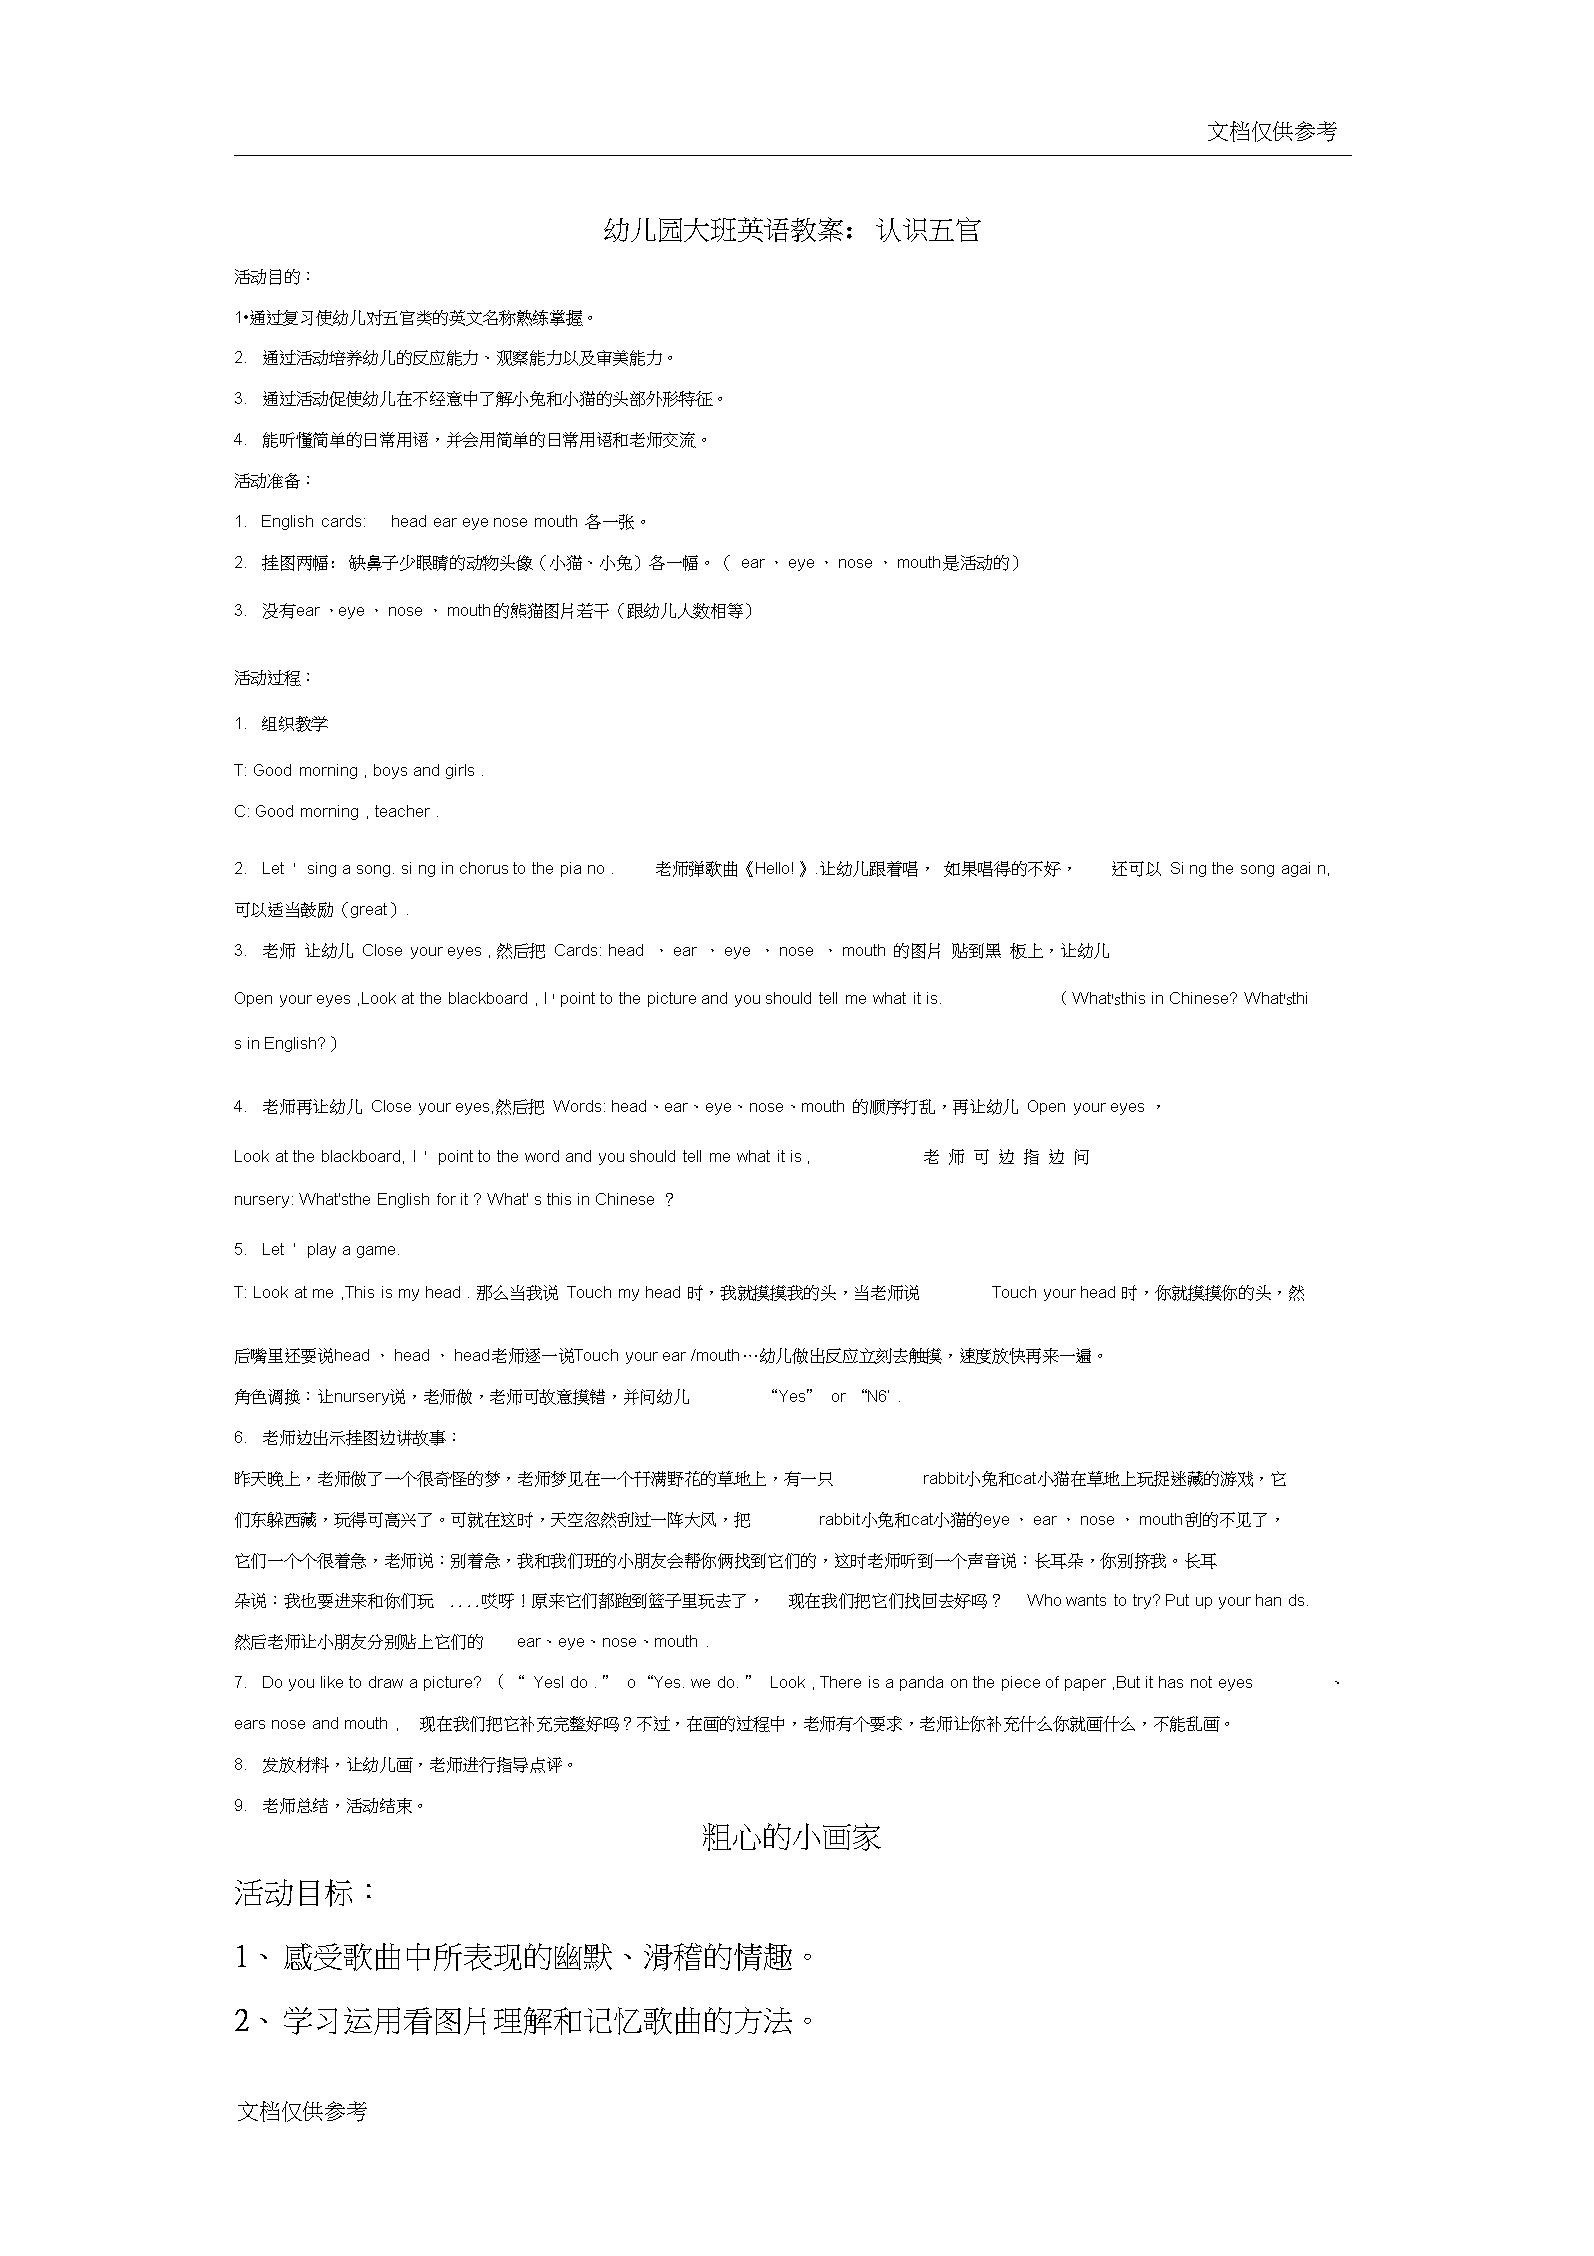 幼儿园大班英语教案认识五官.docx